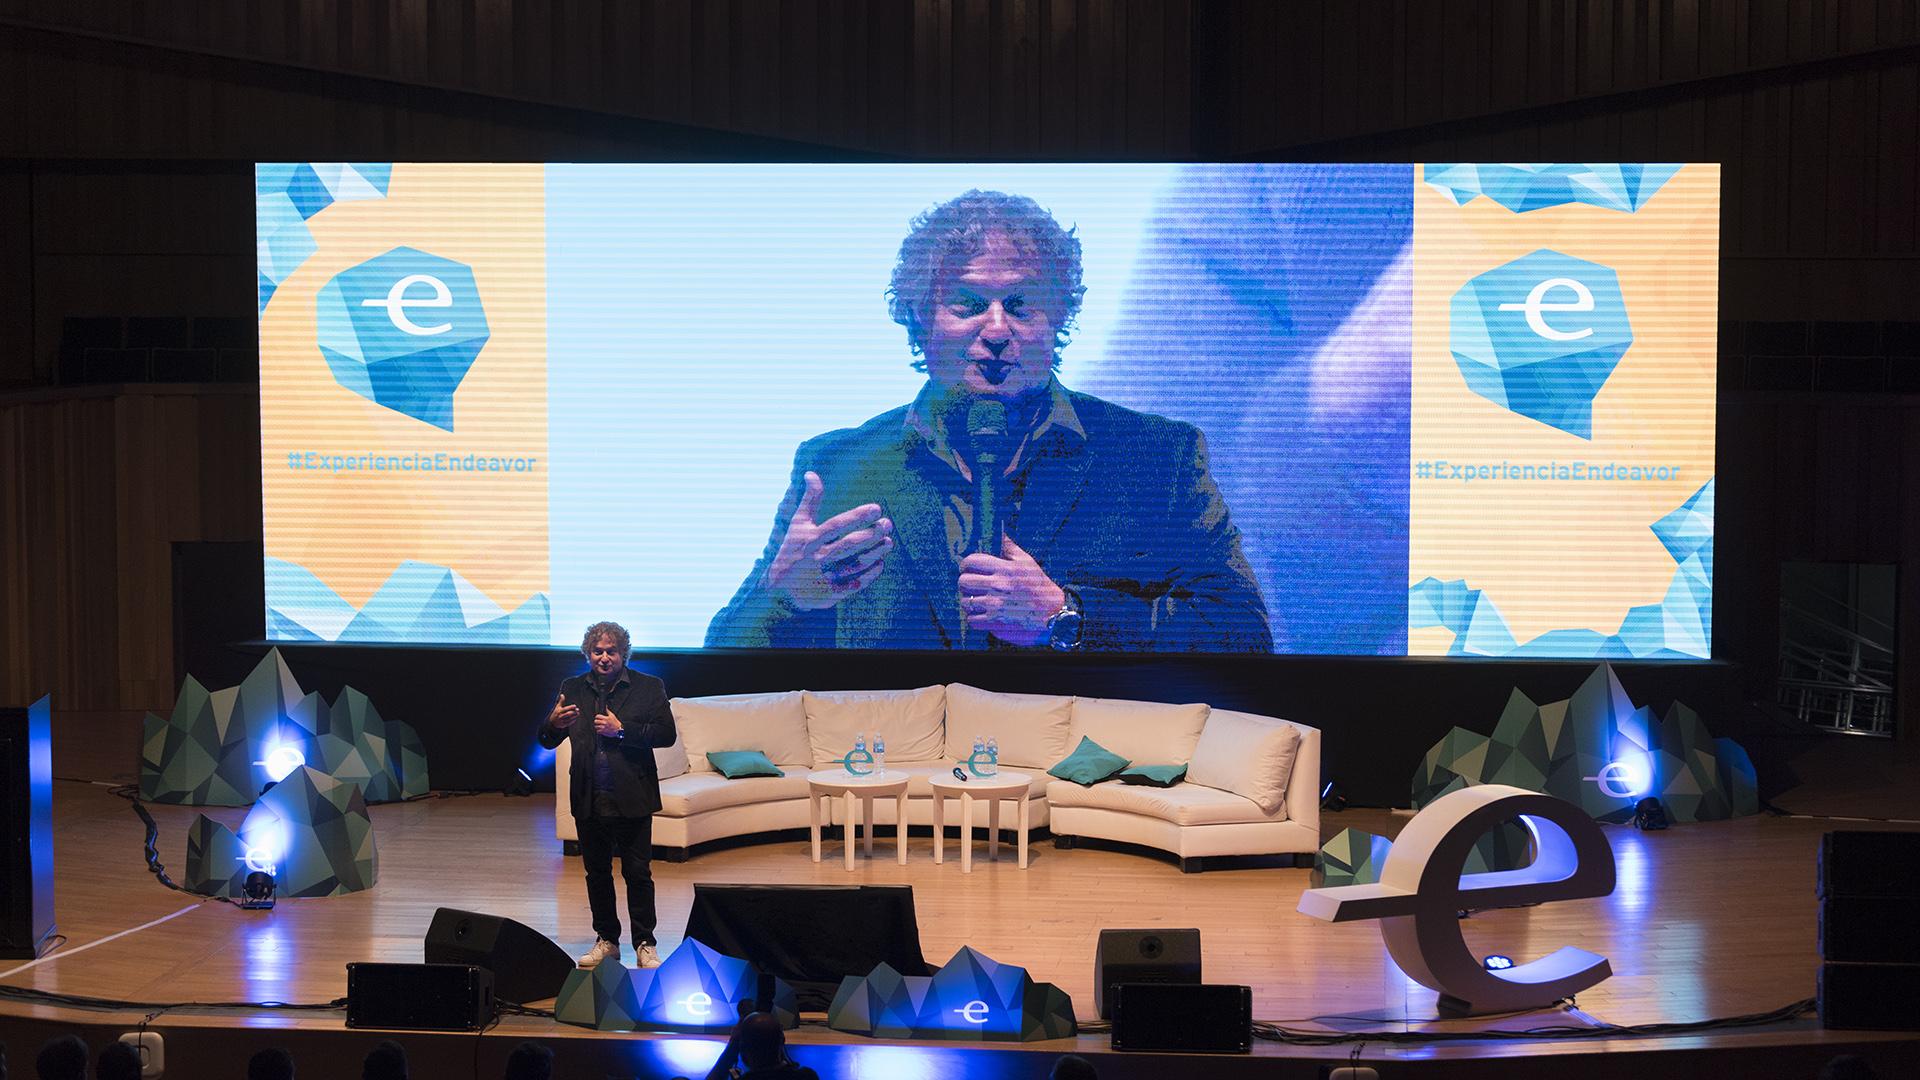 Guibert Englebienne, CTO de Globant, explica cómo crear experiencias omnivalentes